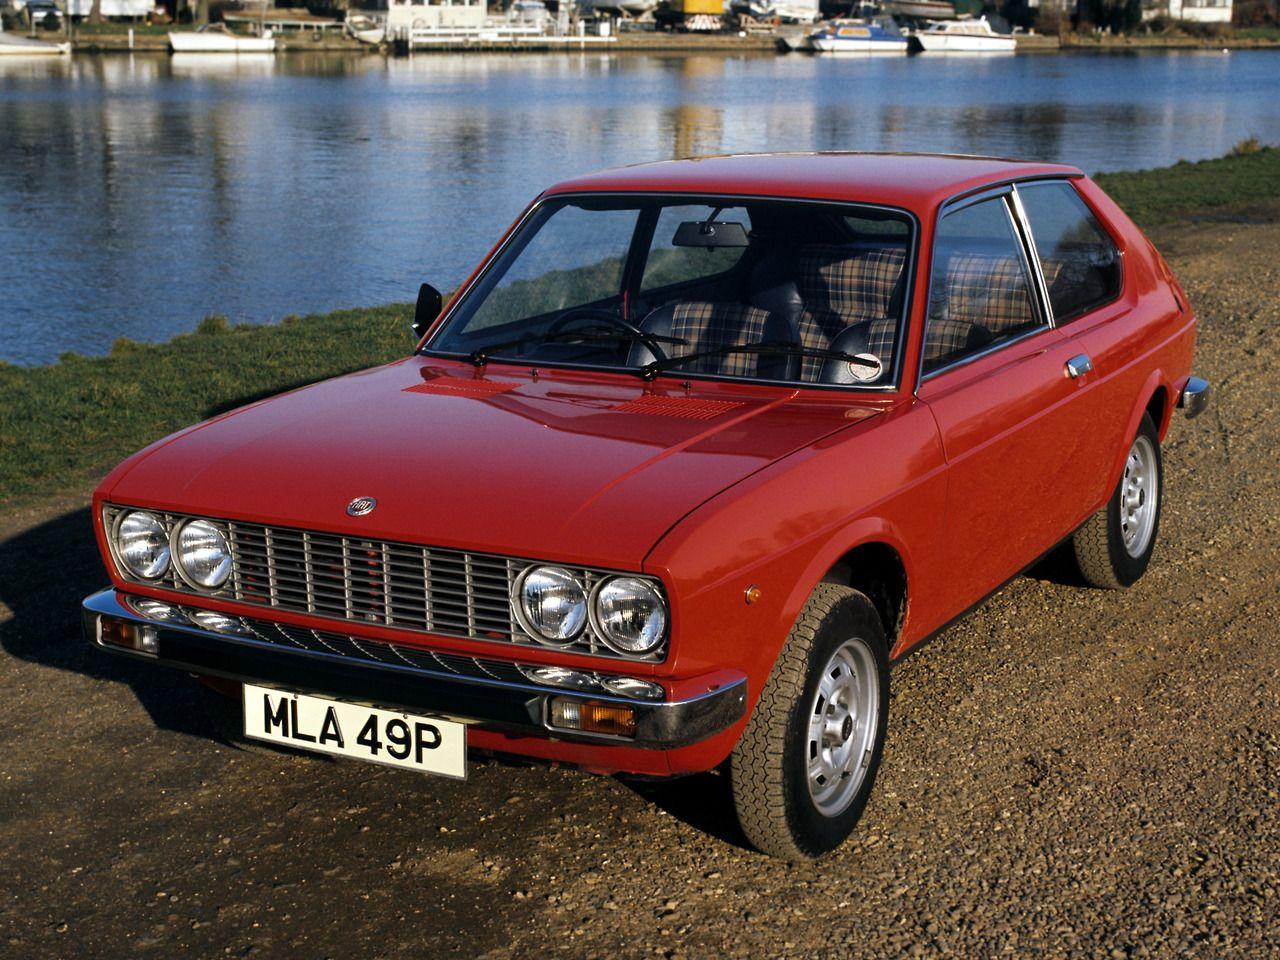 Fiat 128 Berlinetta Fiat 128 Fiat Cars Fiat